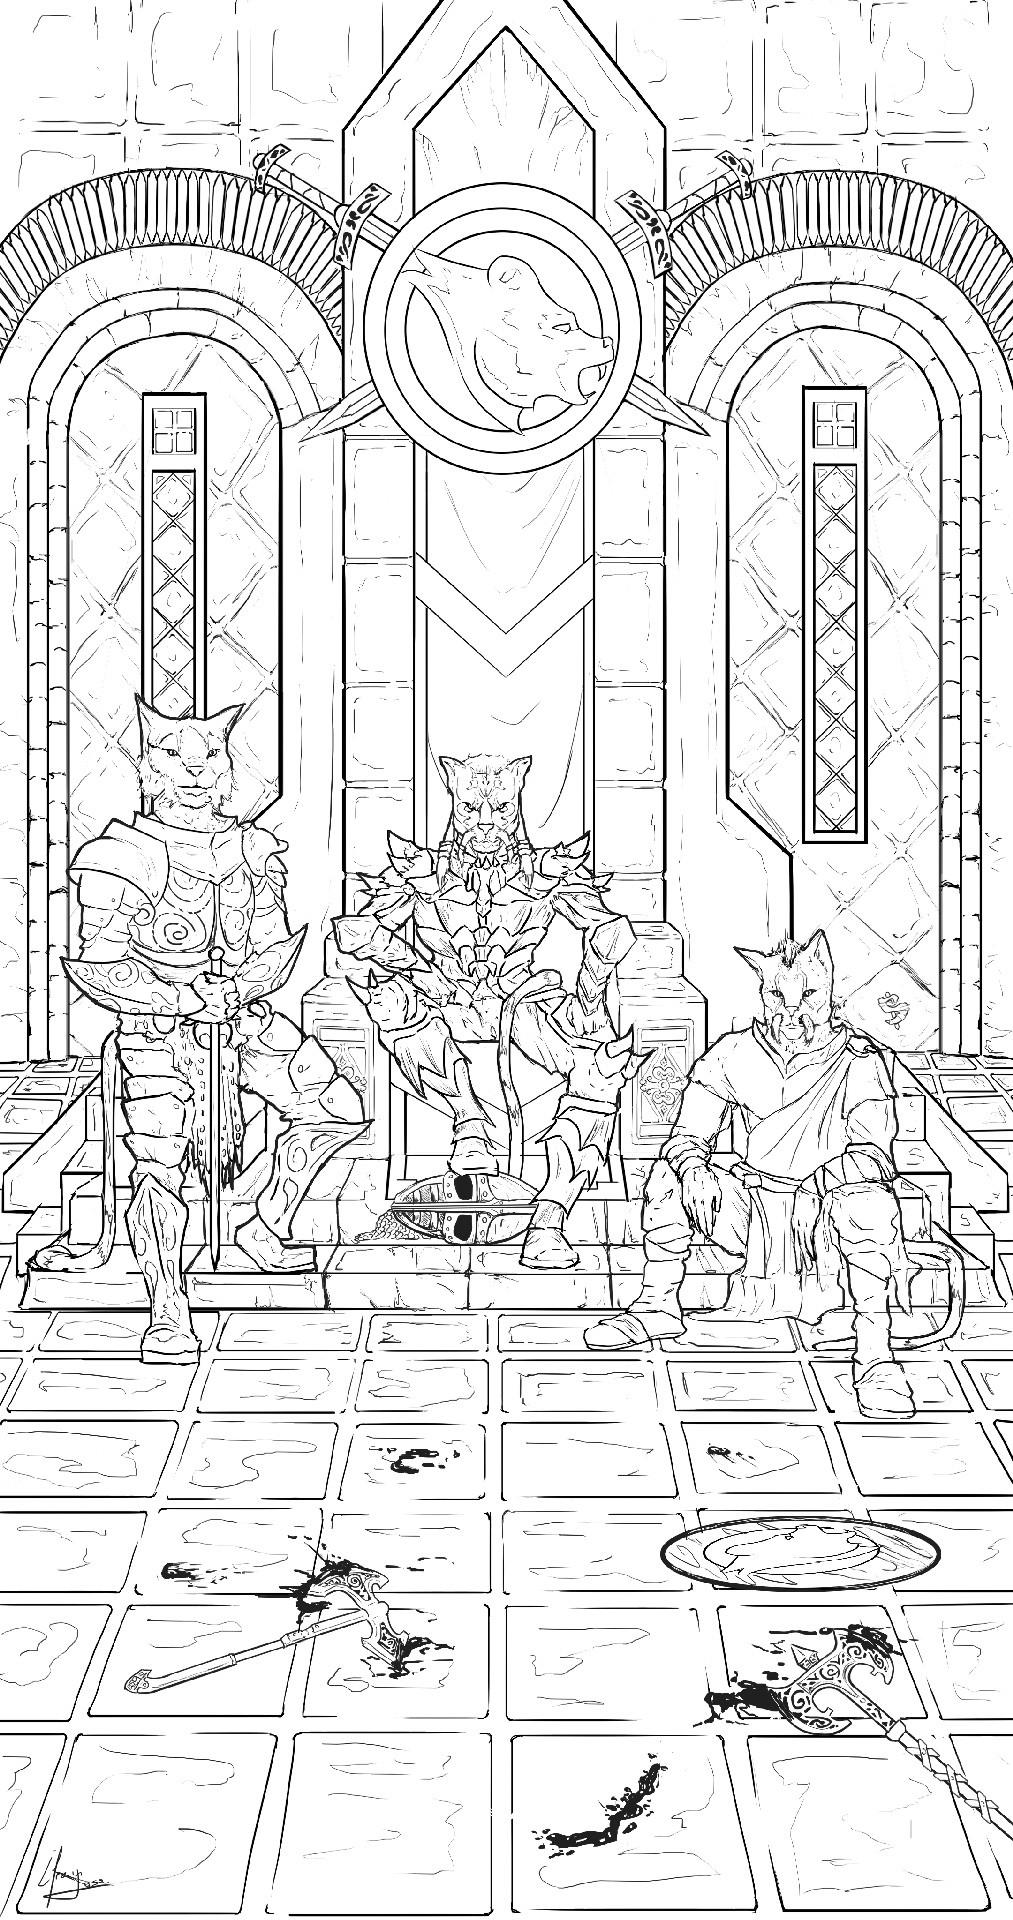 Efrain sosa los khajiitas en el trono linea